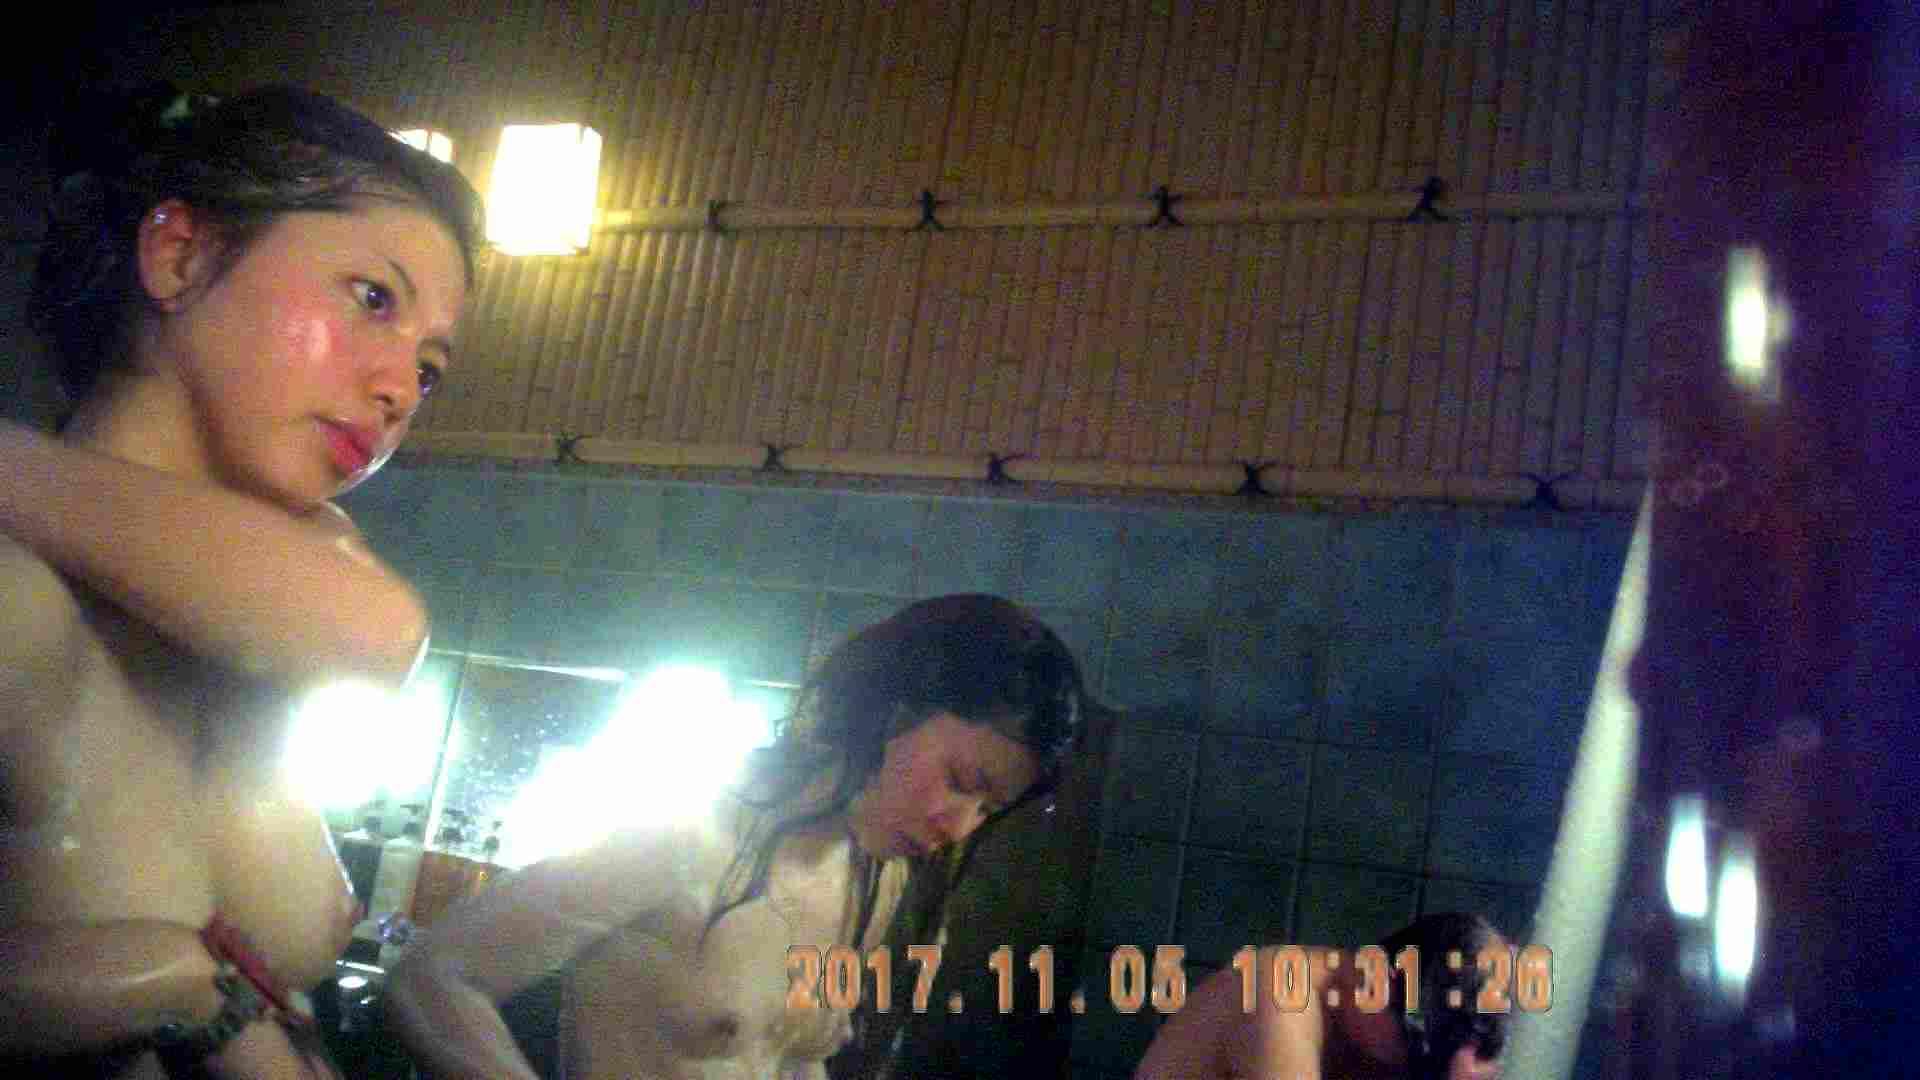 エッチ 熟女|TG.07 【上等兵】顔立ちはっきりオッパイもっちりのお嬢さん|怪盗ジョーカー